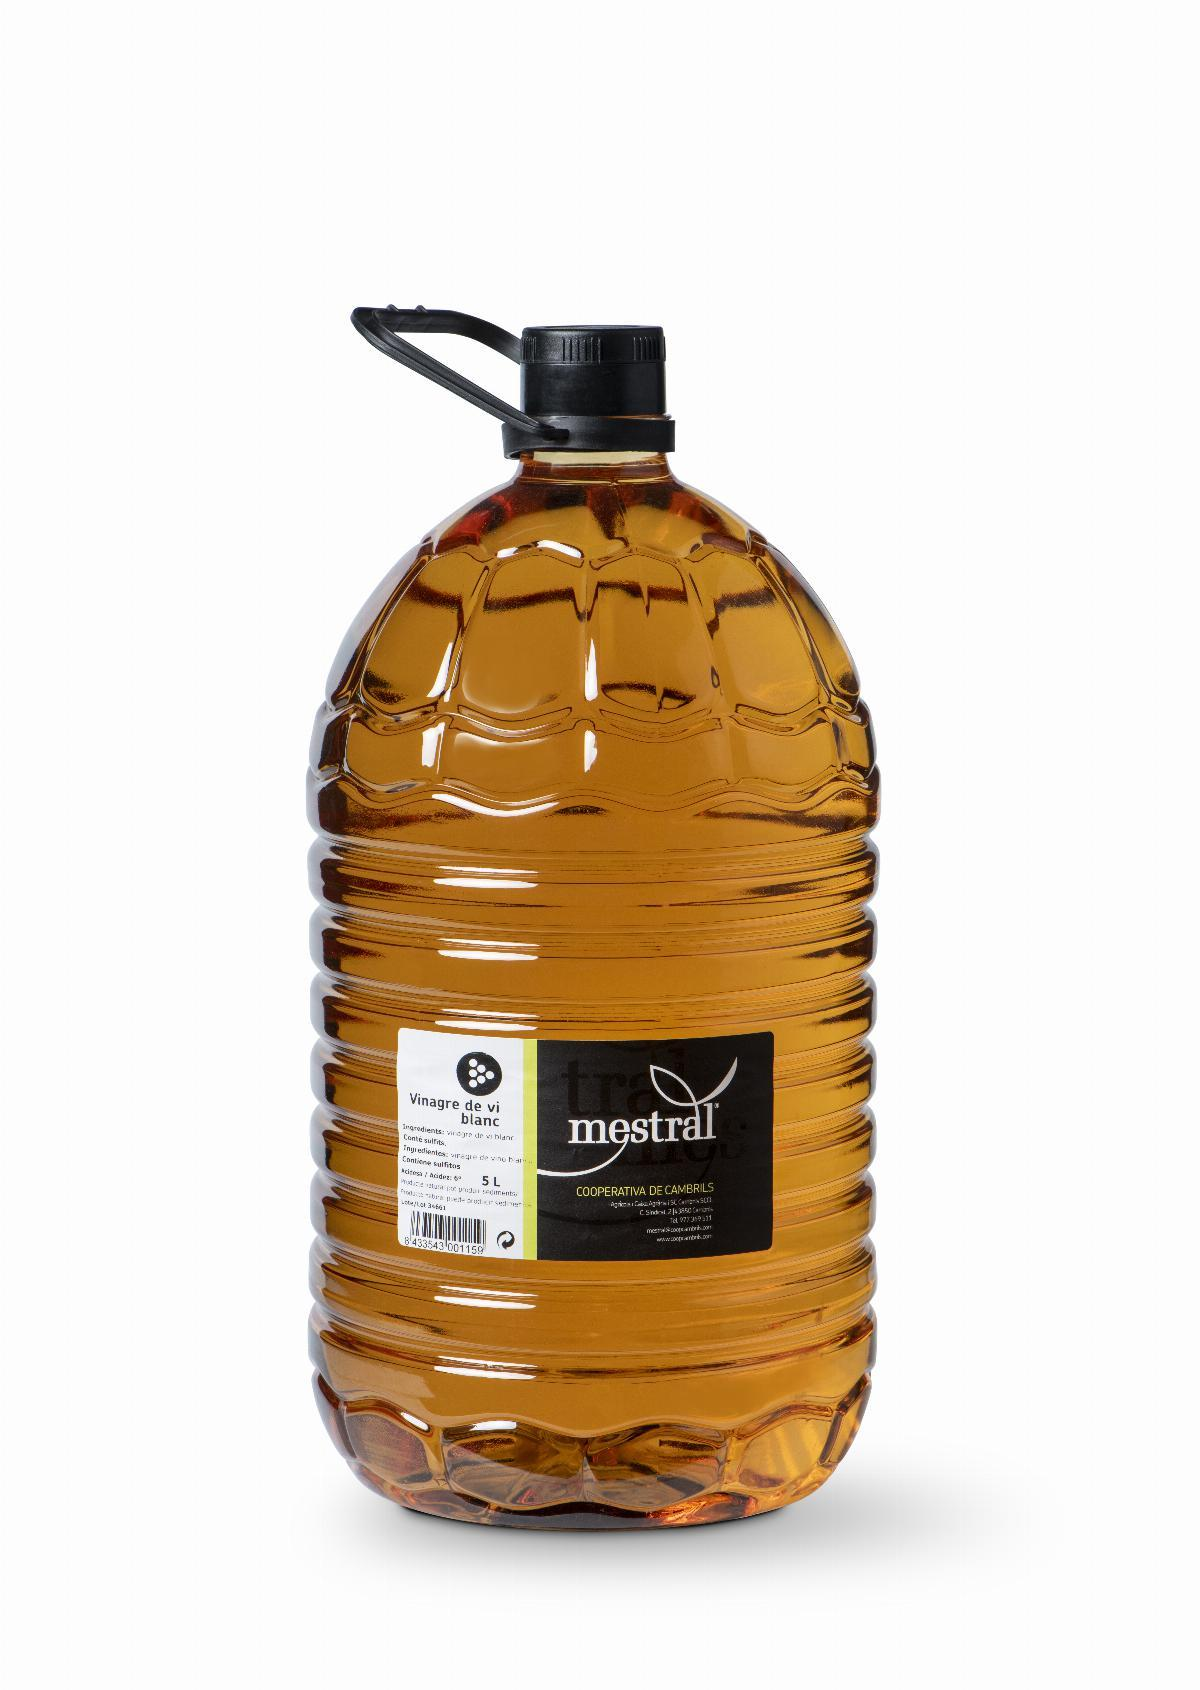 Vinegar - Vinagre Blanc Mestral 5 Litres - Mestral Cambrils